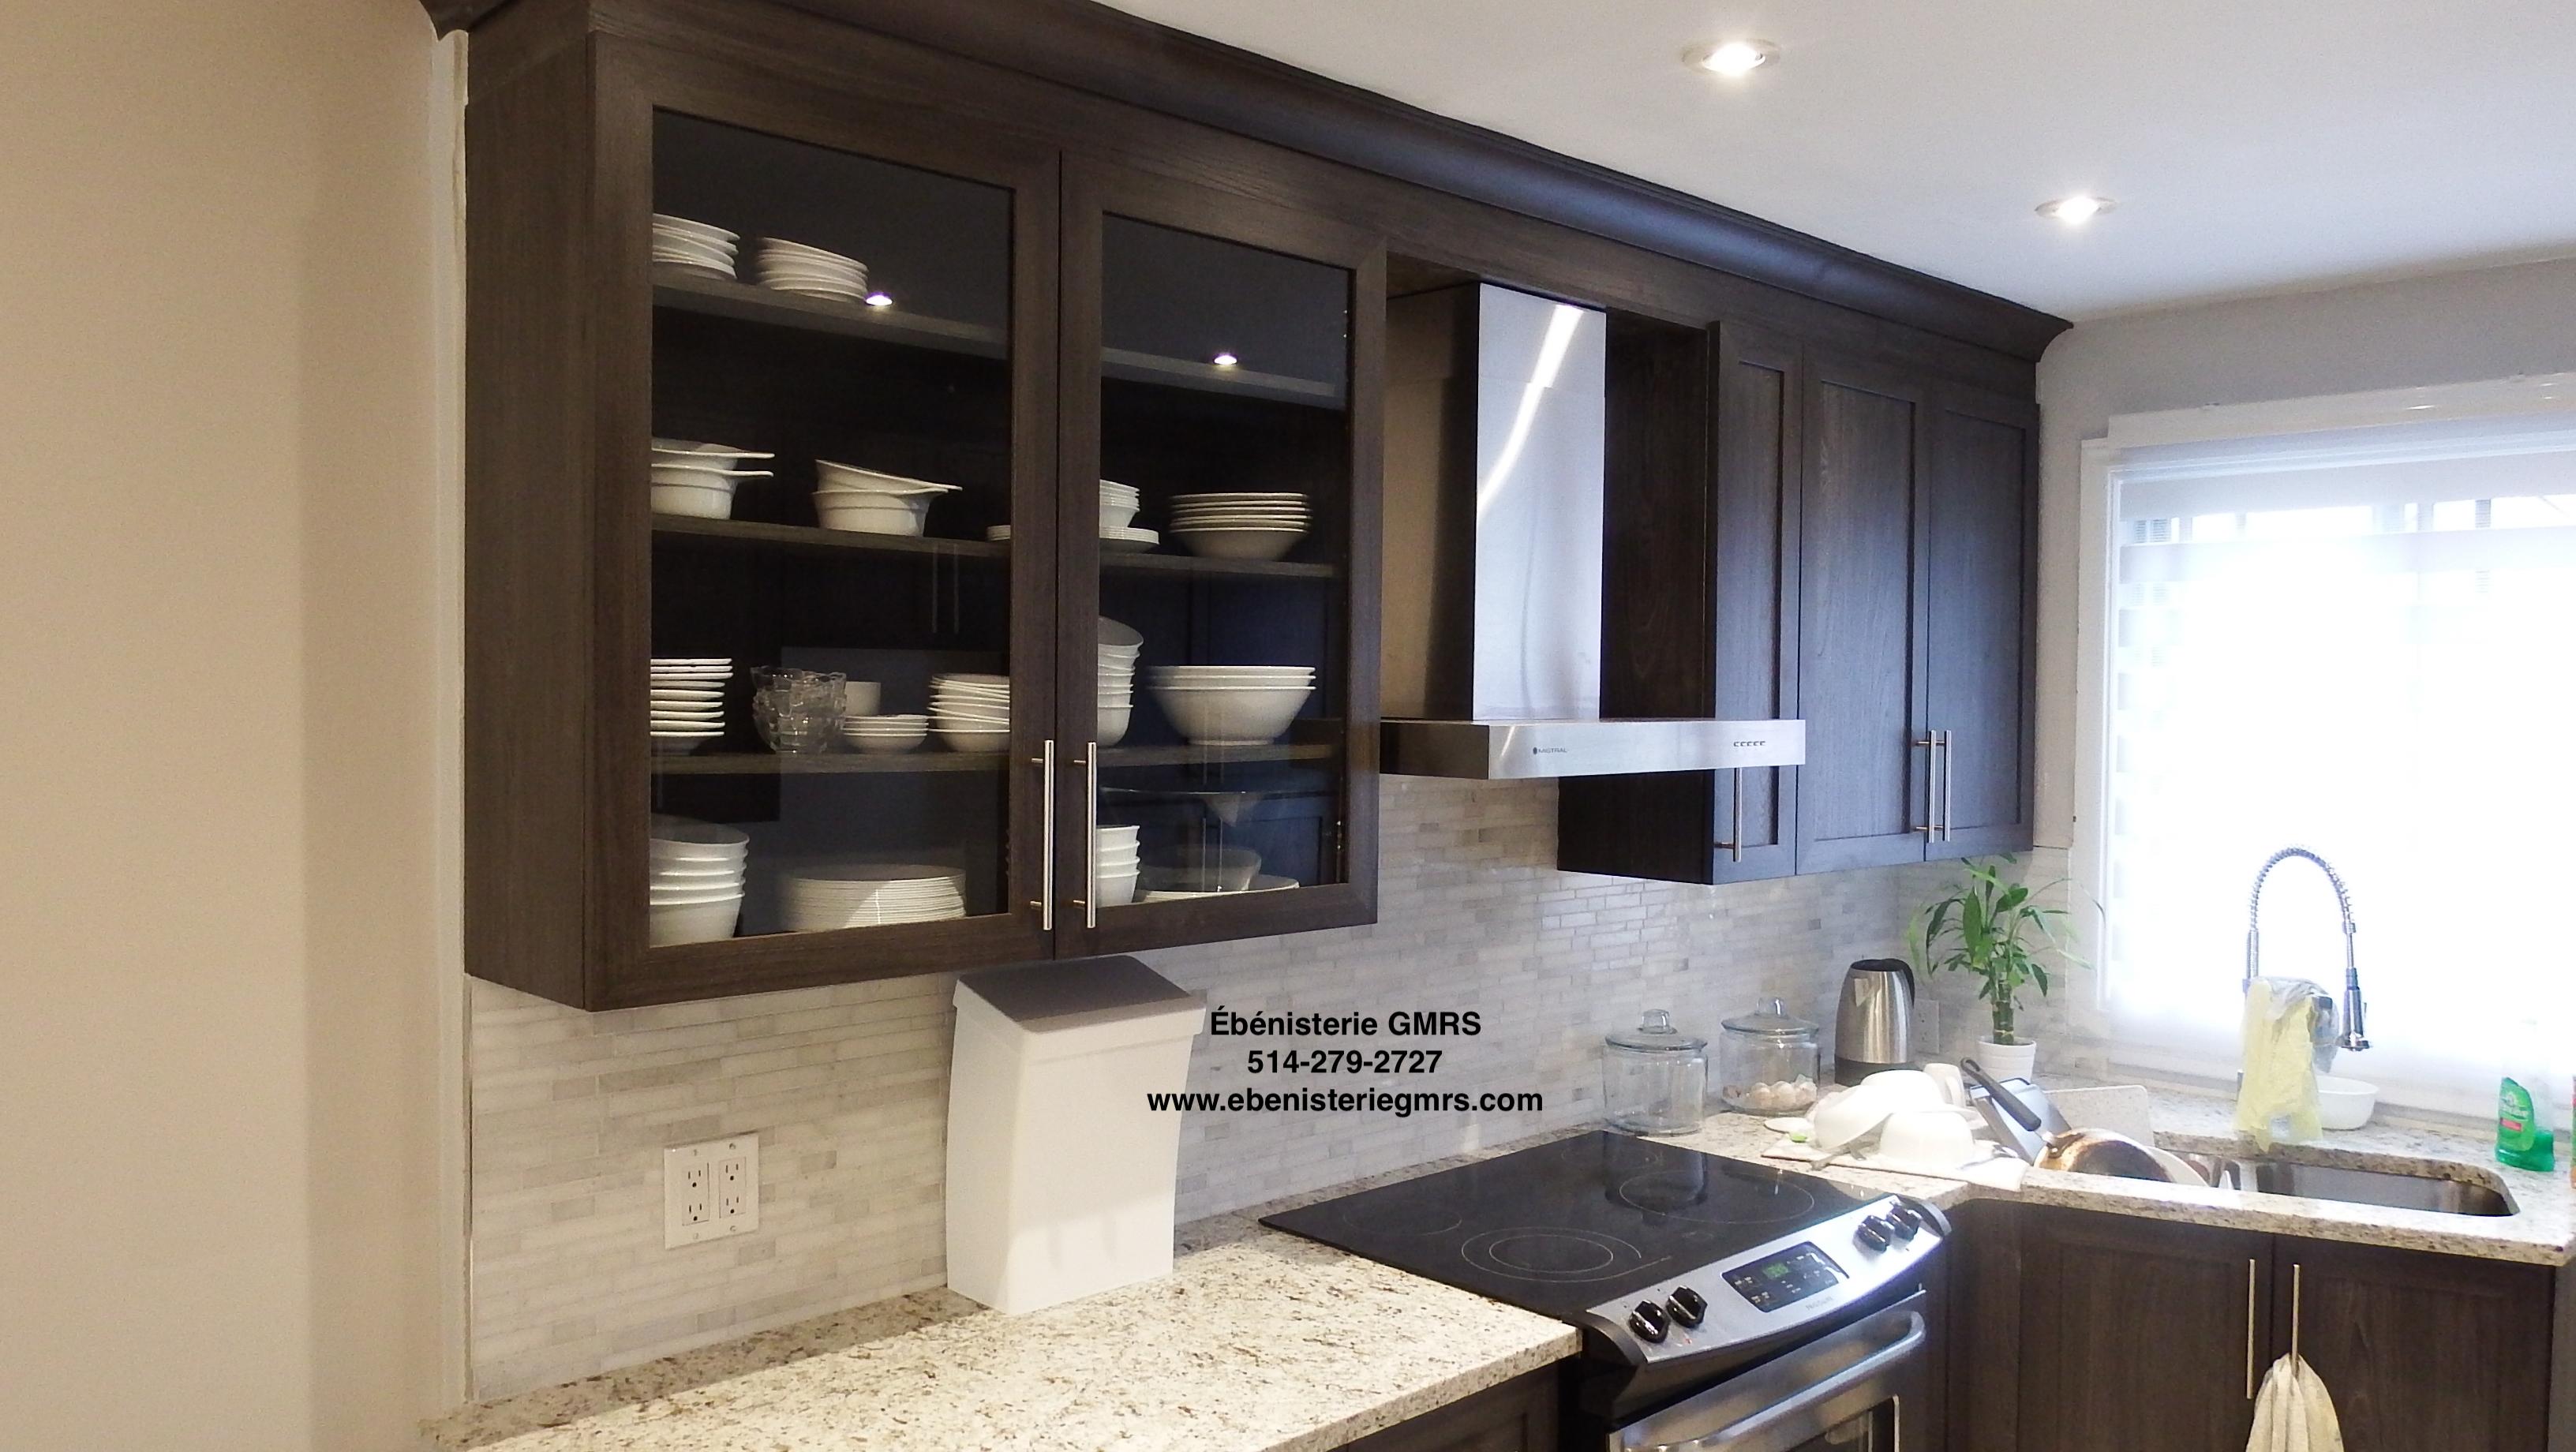 Fabriquer Des Portes D Armoires De Cuisine armoires de cuisine en polyester – Ébénisterie gmrs